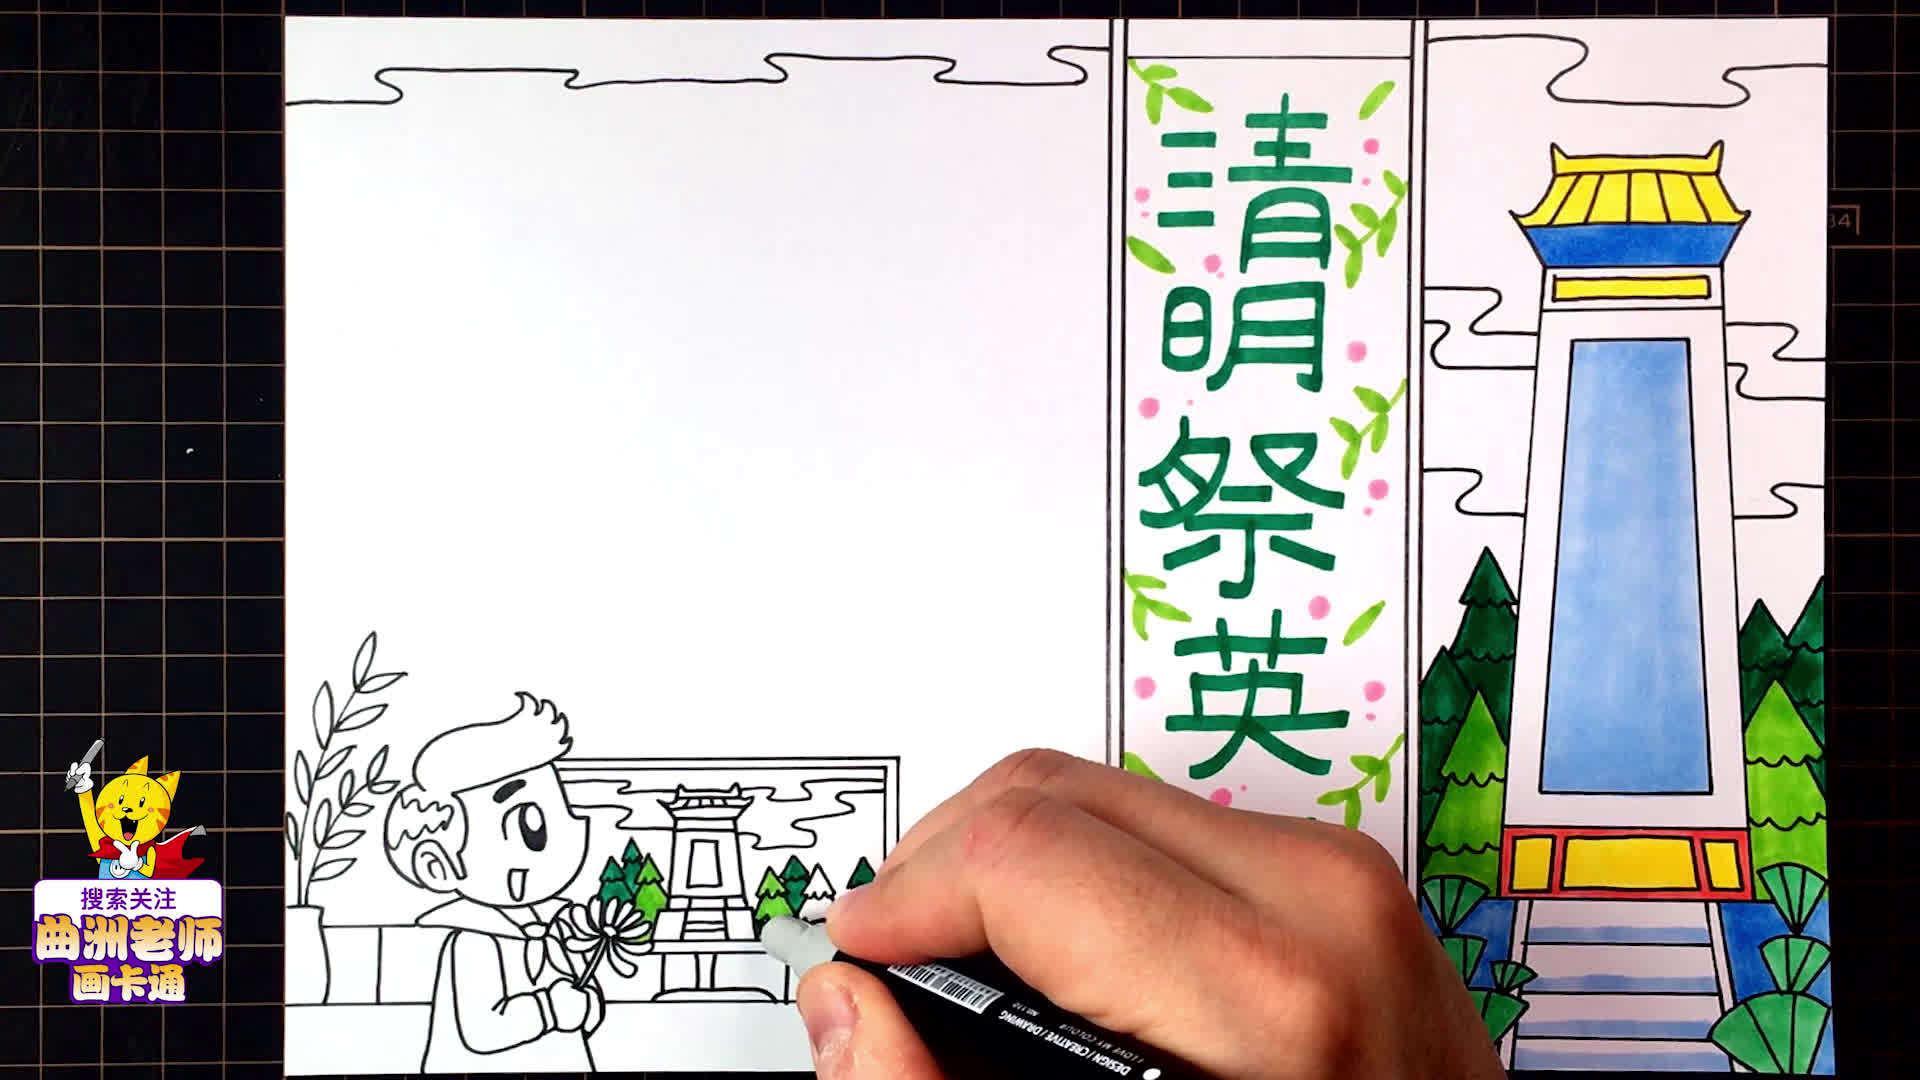 2020年清明祭英烈手抄报设计,致敬中华民族的英雄们